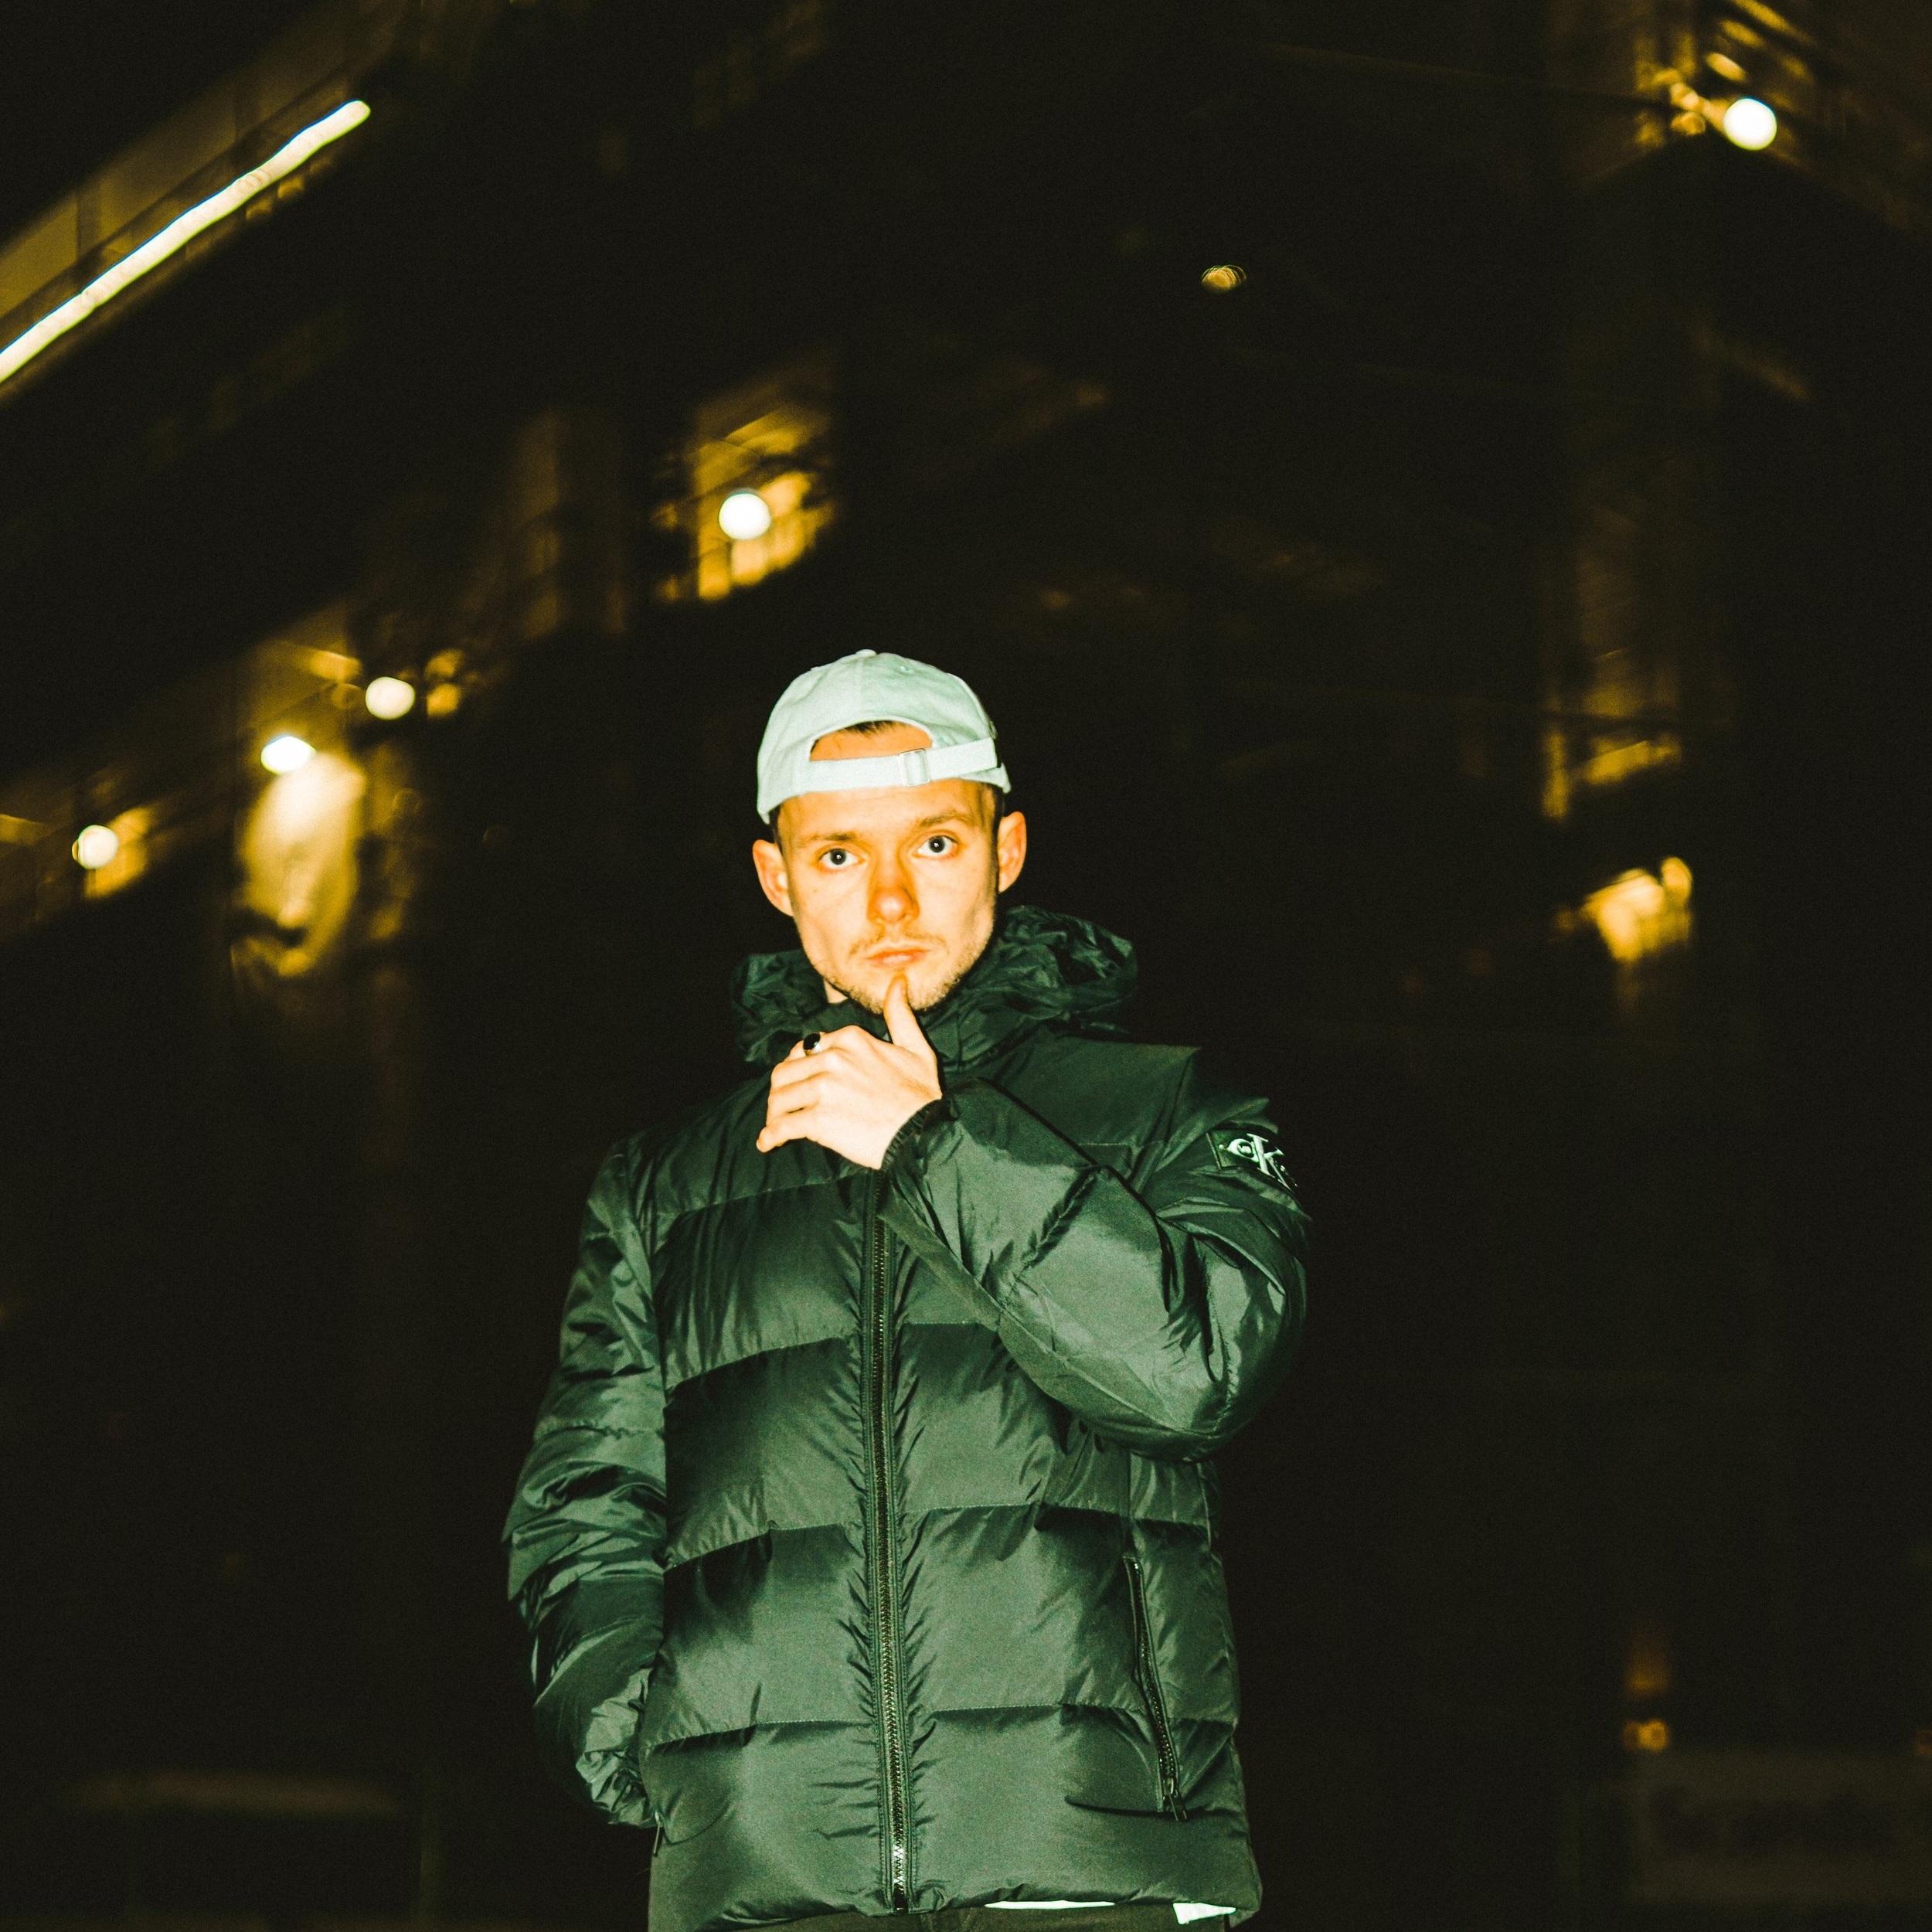 VILJAR BROKS - Viljar Broks fra Tromsø har de siste årene etablert seg som et friskt bidrag til den norske urbanscenen, med sin catchy musikk som krysser mellom R&B, Hiphop & Pop.Singlene